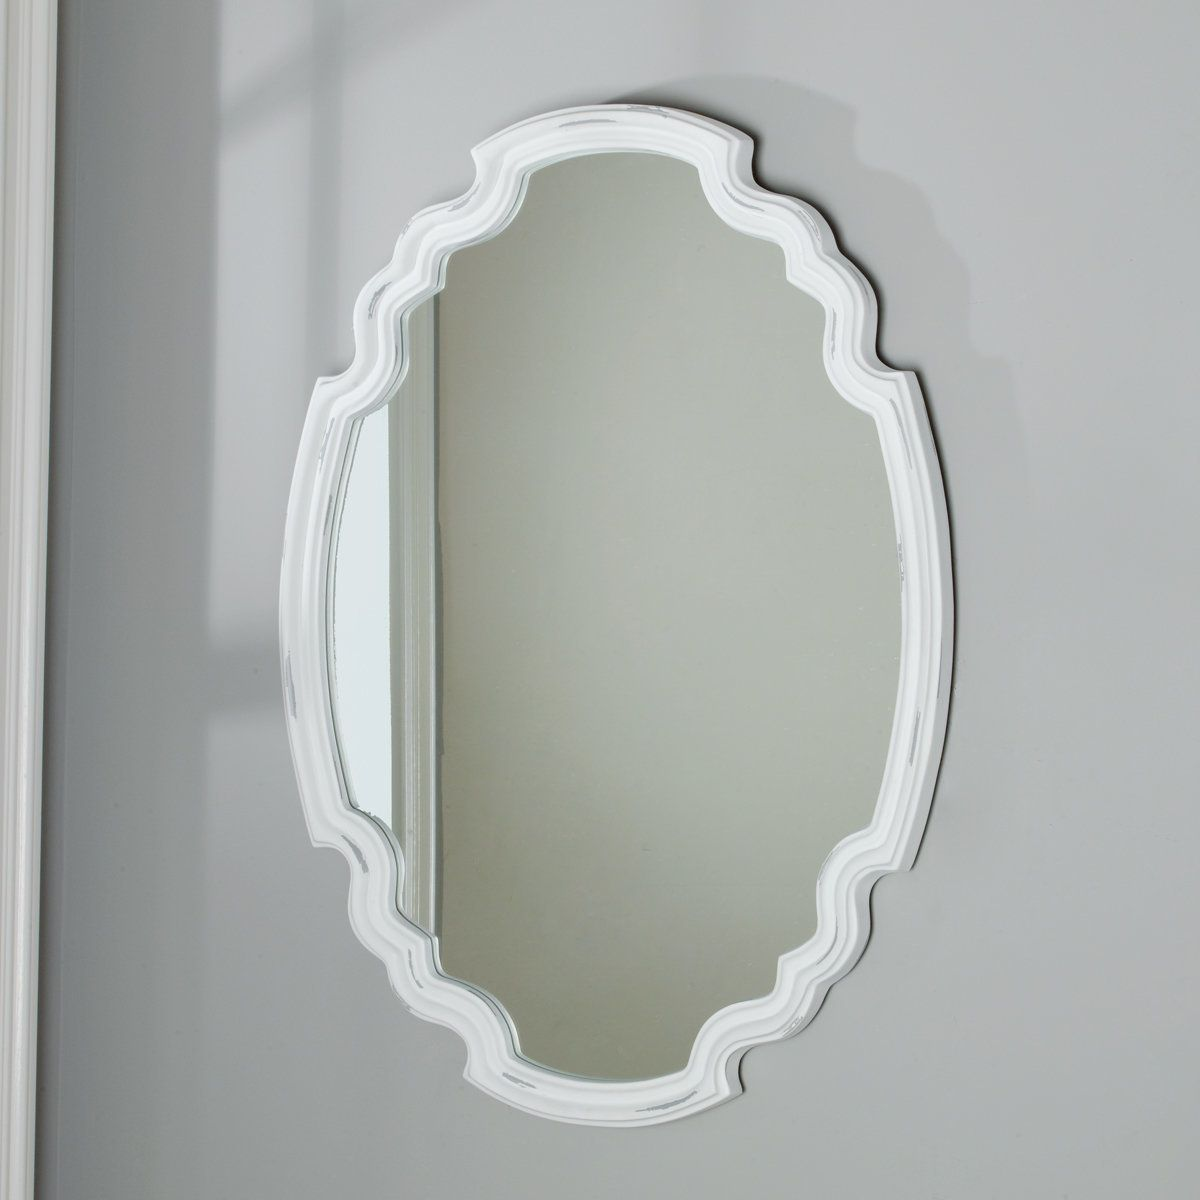 Minimalist Shield Mirror Mirror Metal Mirror Rustic Bathroom Mirrors [ 1200 x 1200 Pixel ]